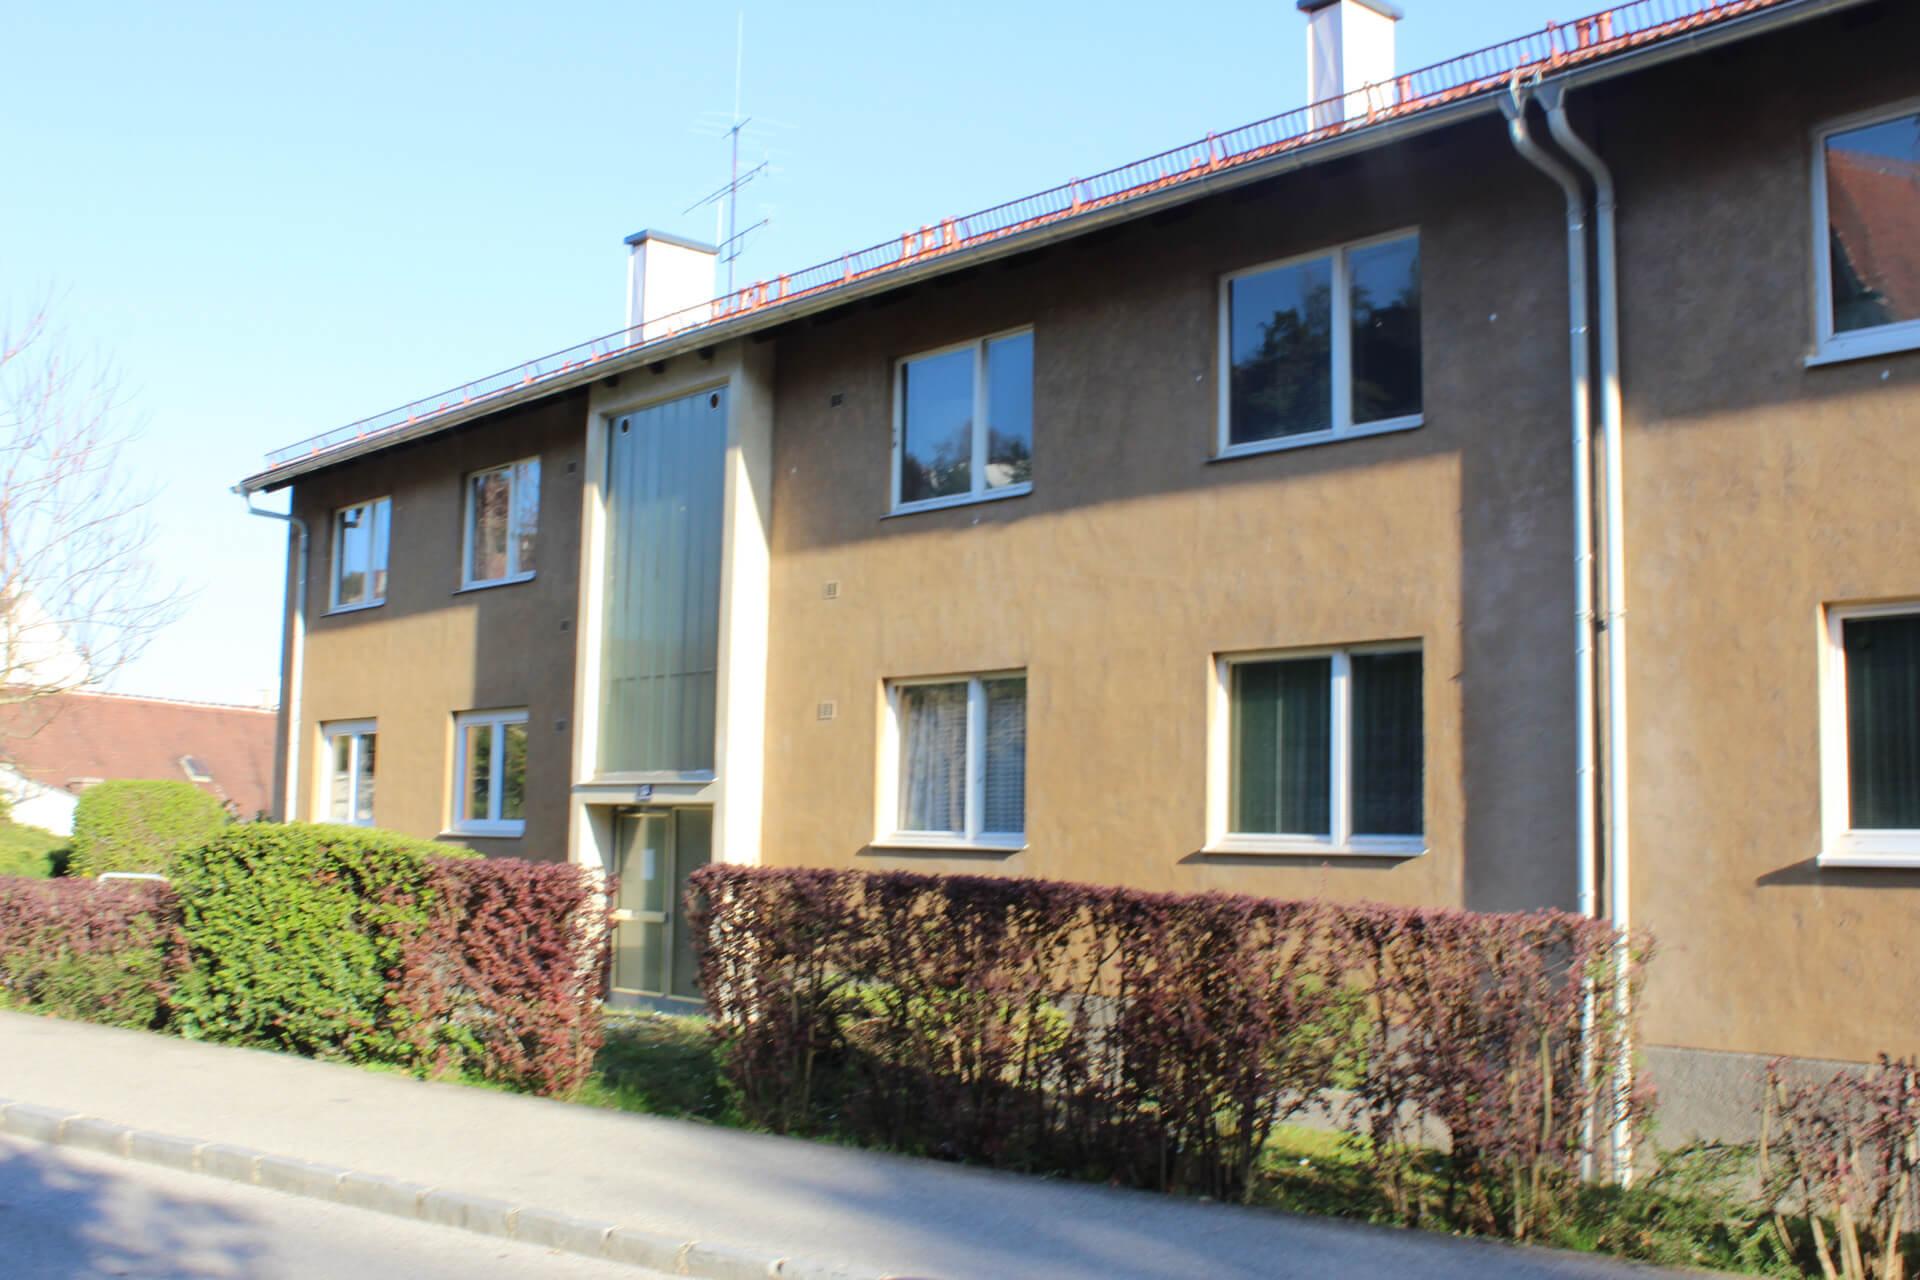 Immobilie von BWSG in Arbeitergasse 10/08, 3500 Krems an der Donau #7